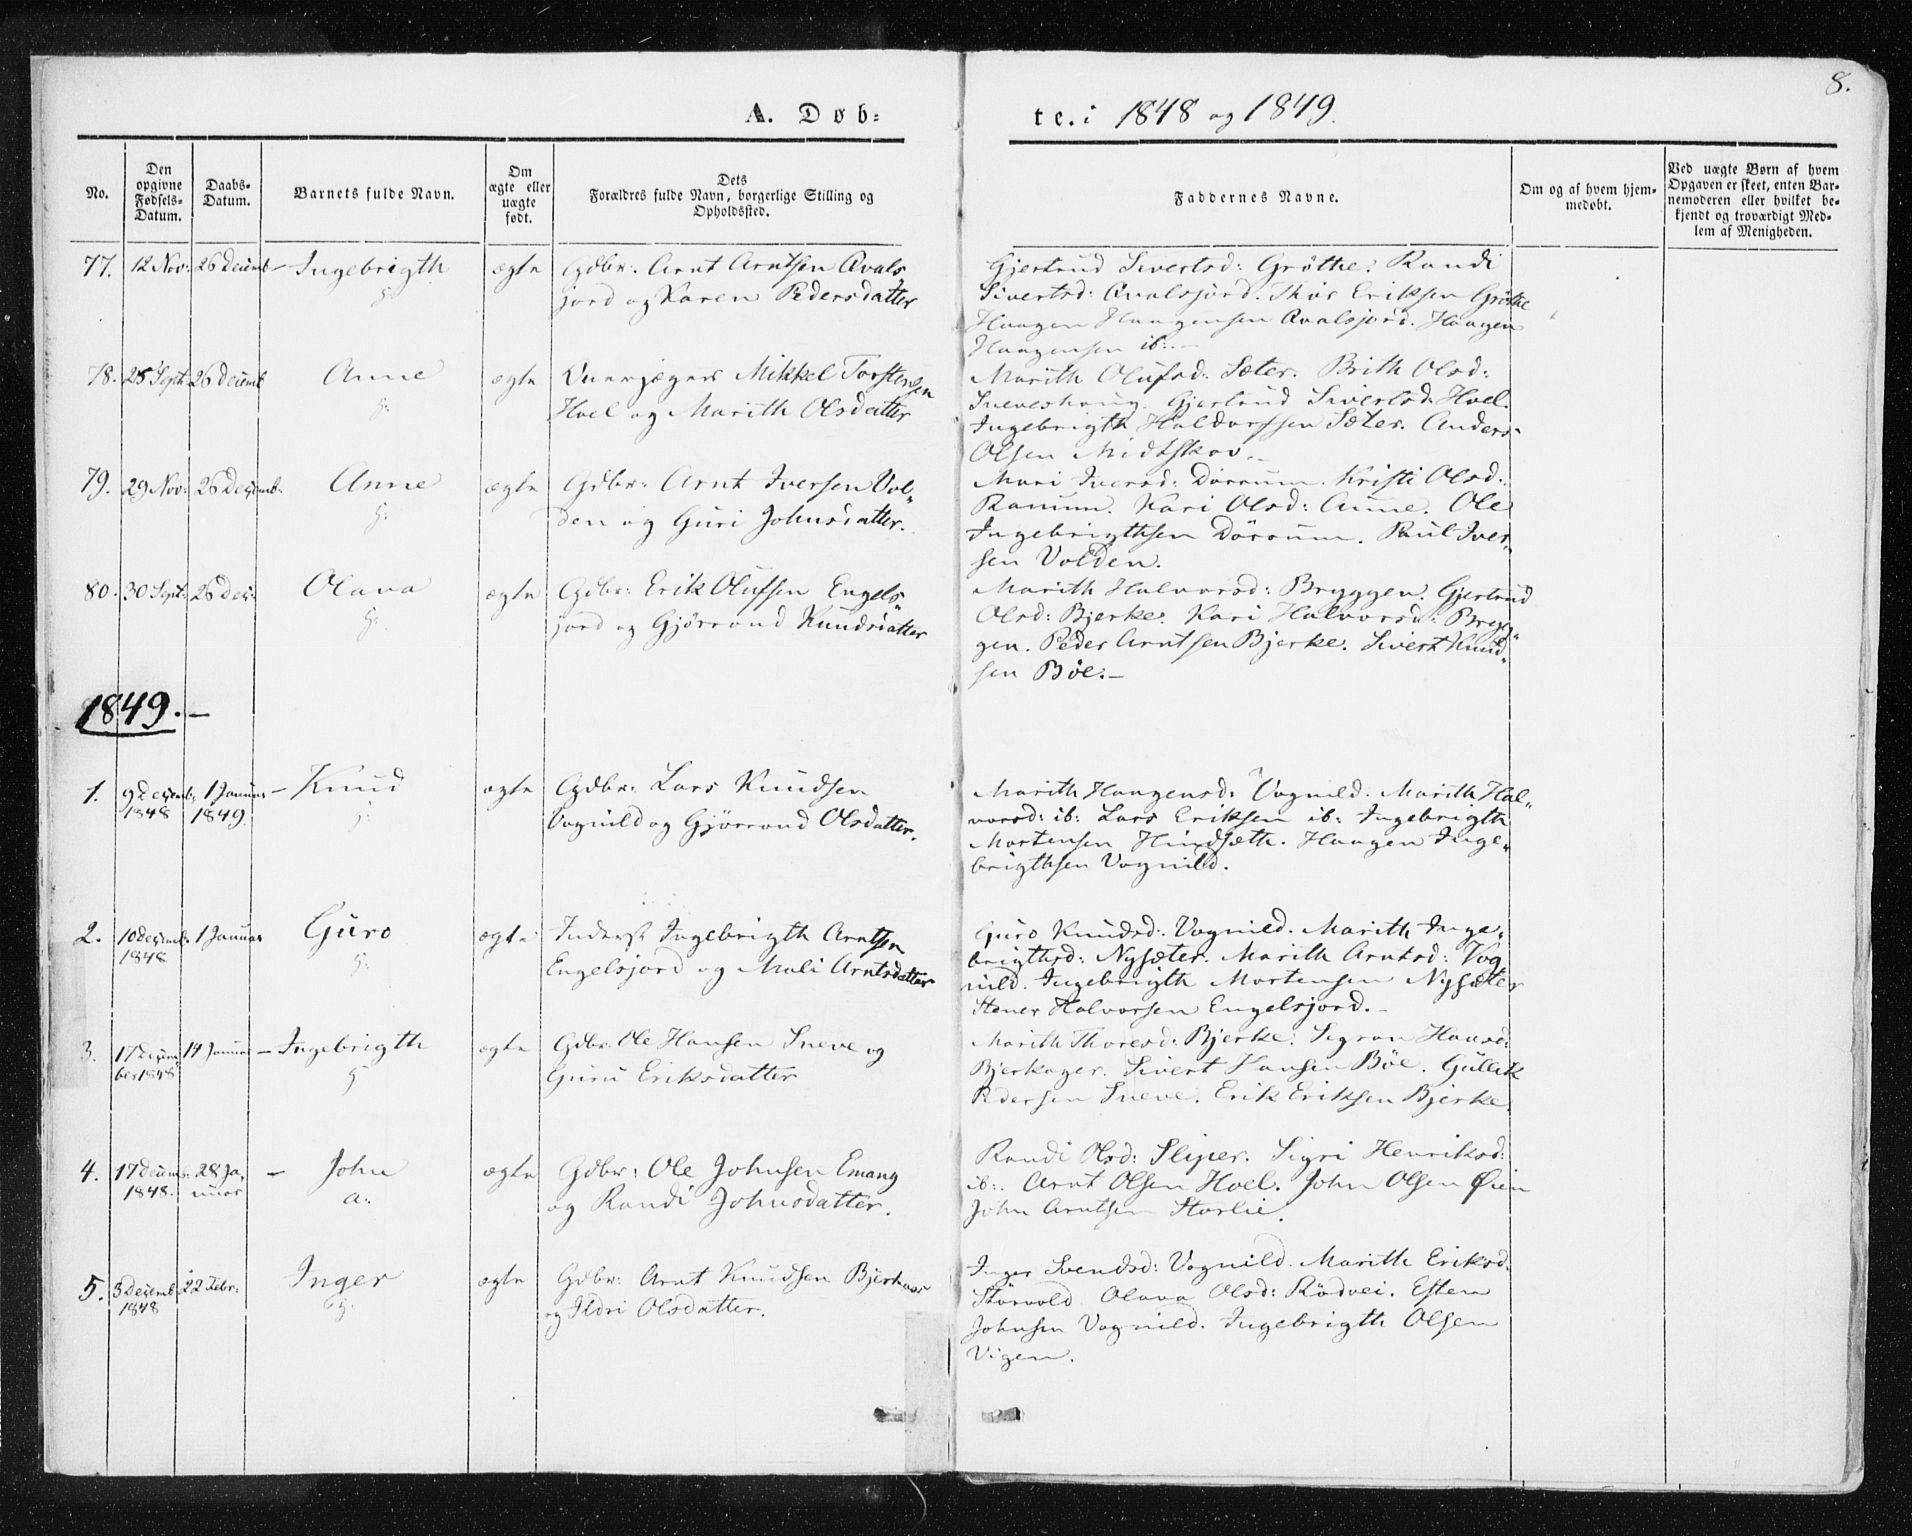 SAT, Ministerialprotokoller, klokkerbøker og fødselsregistre - Sør-Trøndelag, 678/L0899: Ministerialbok nr. 678A08, 1848-1872, s. 8